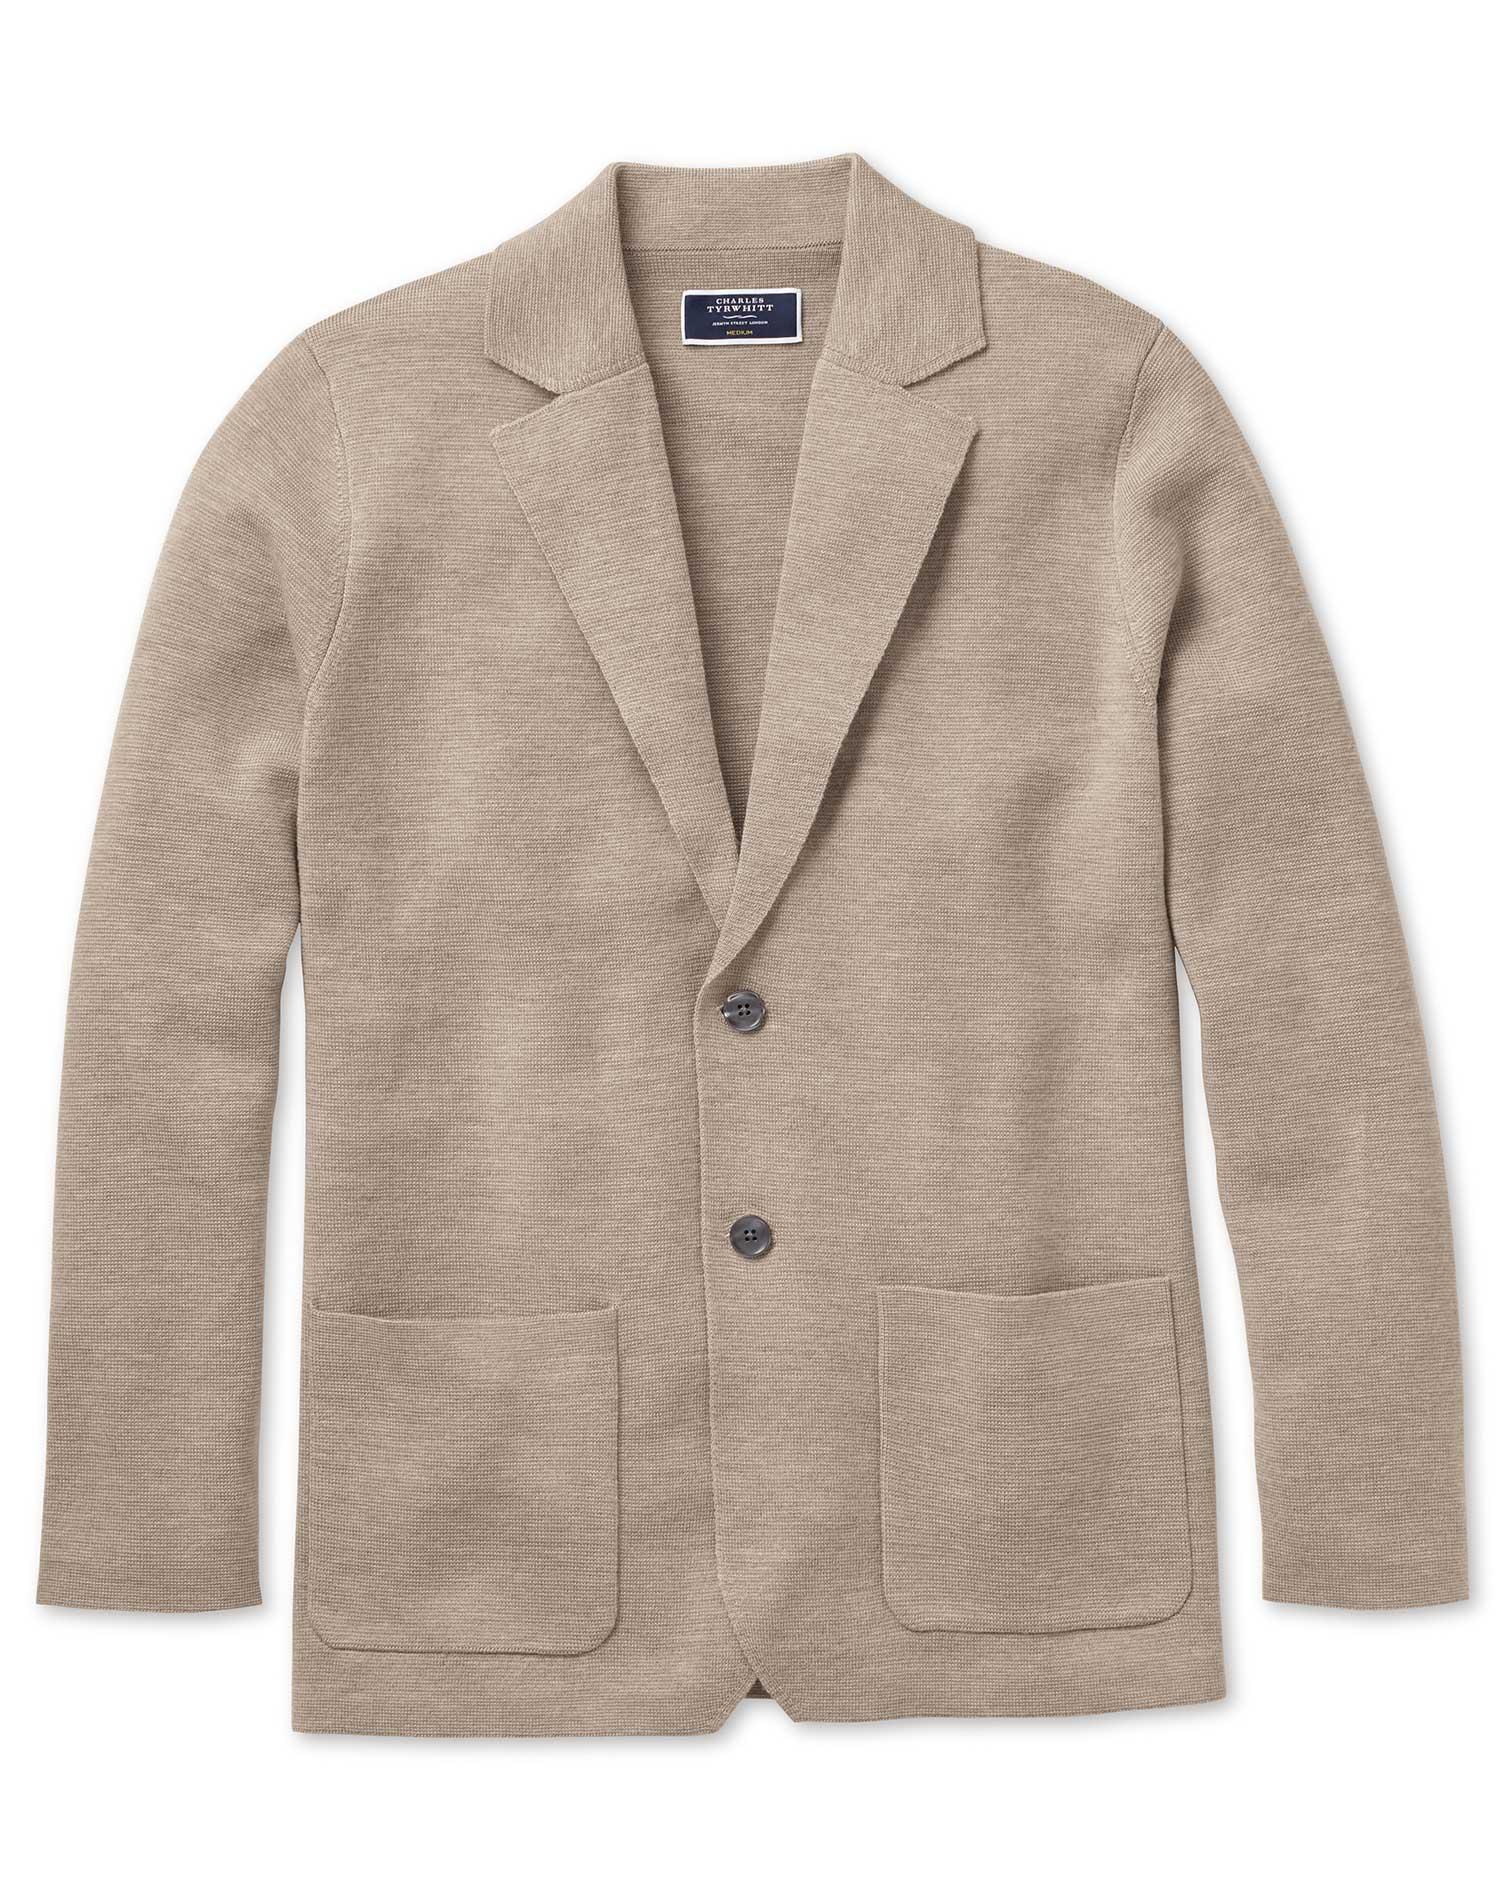 Stone Merino Wool Blazer Size XXXL by Charles Tyrwhitt